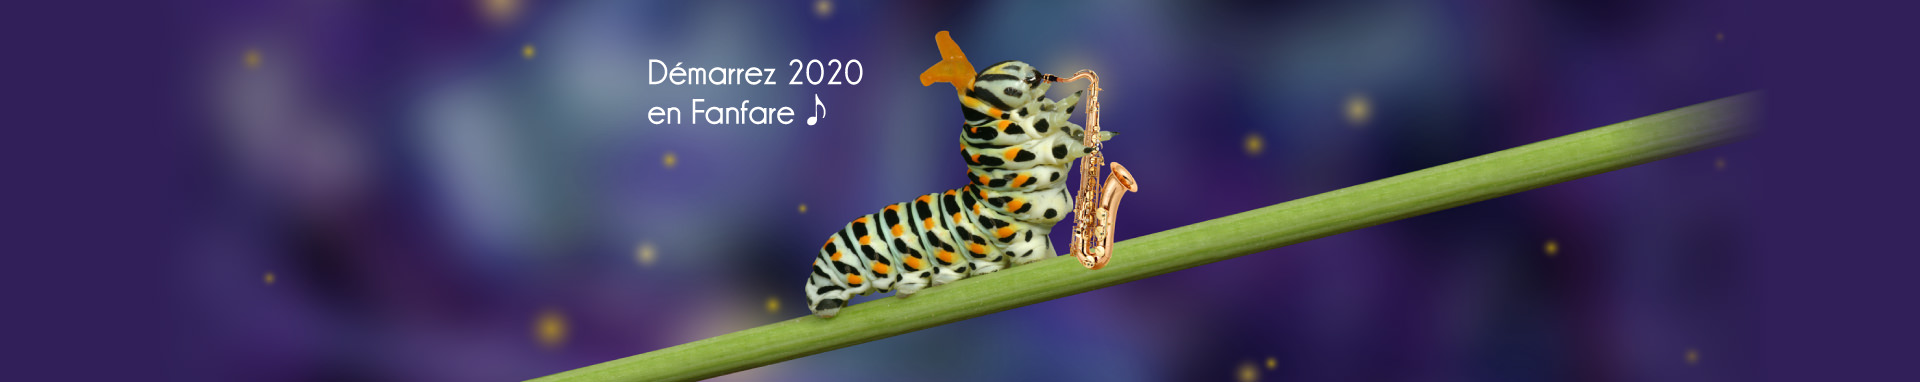 Blue note systems vous souhaite de bonnes fêtes et une heureuse année 2020 !